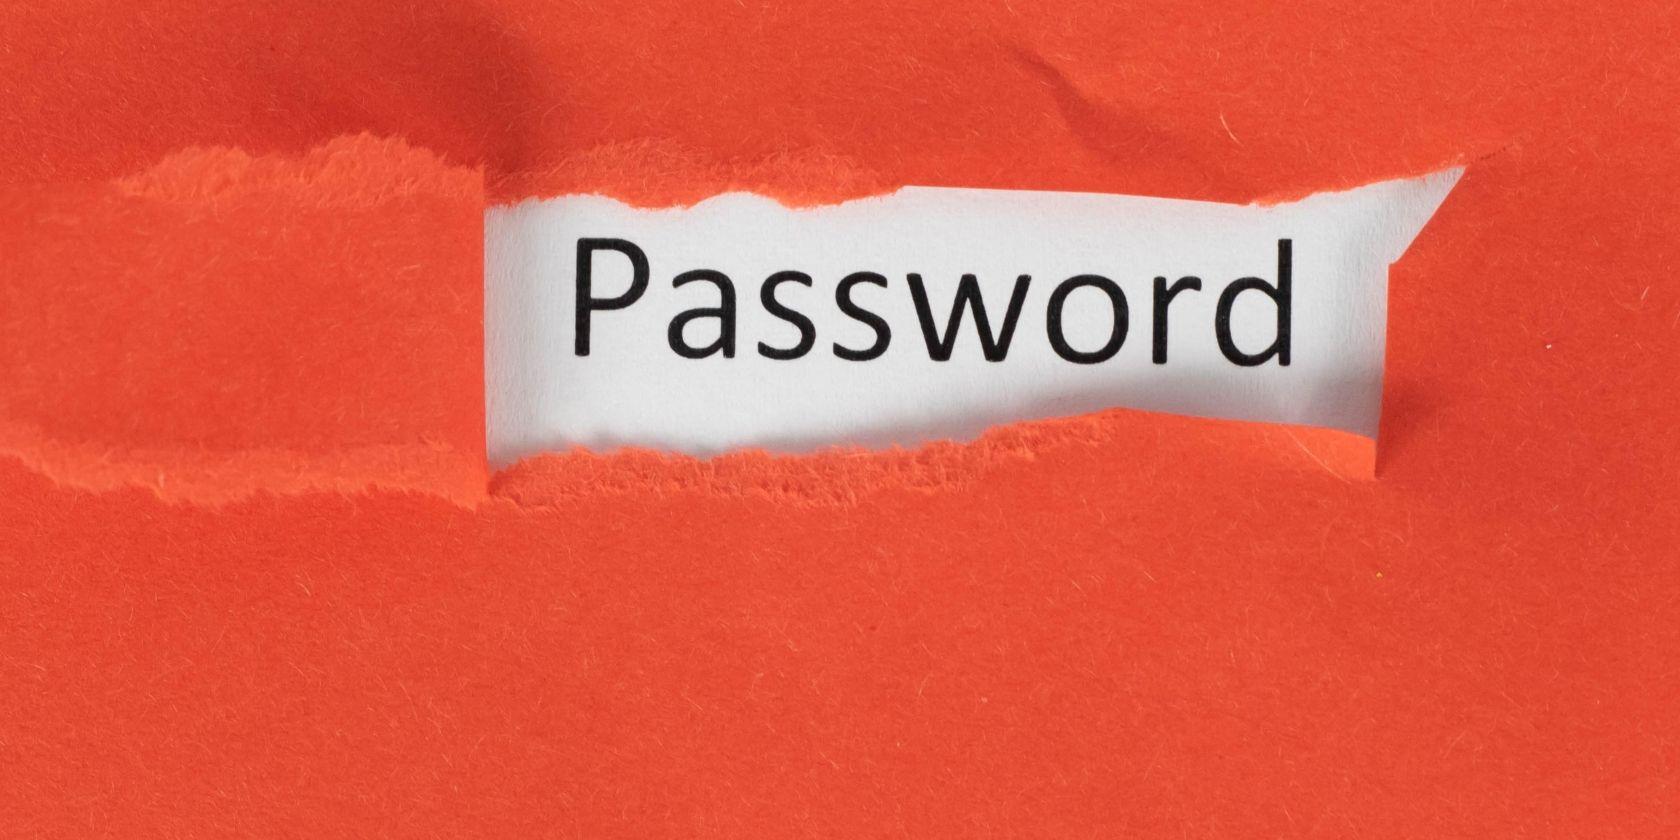 Monster Data Leak Exposes Millions of Passwords